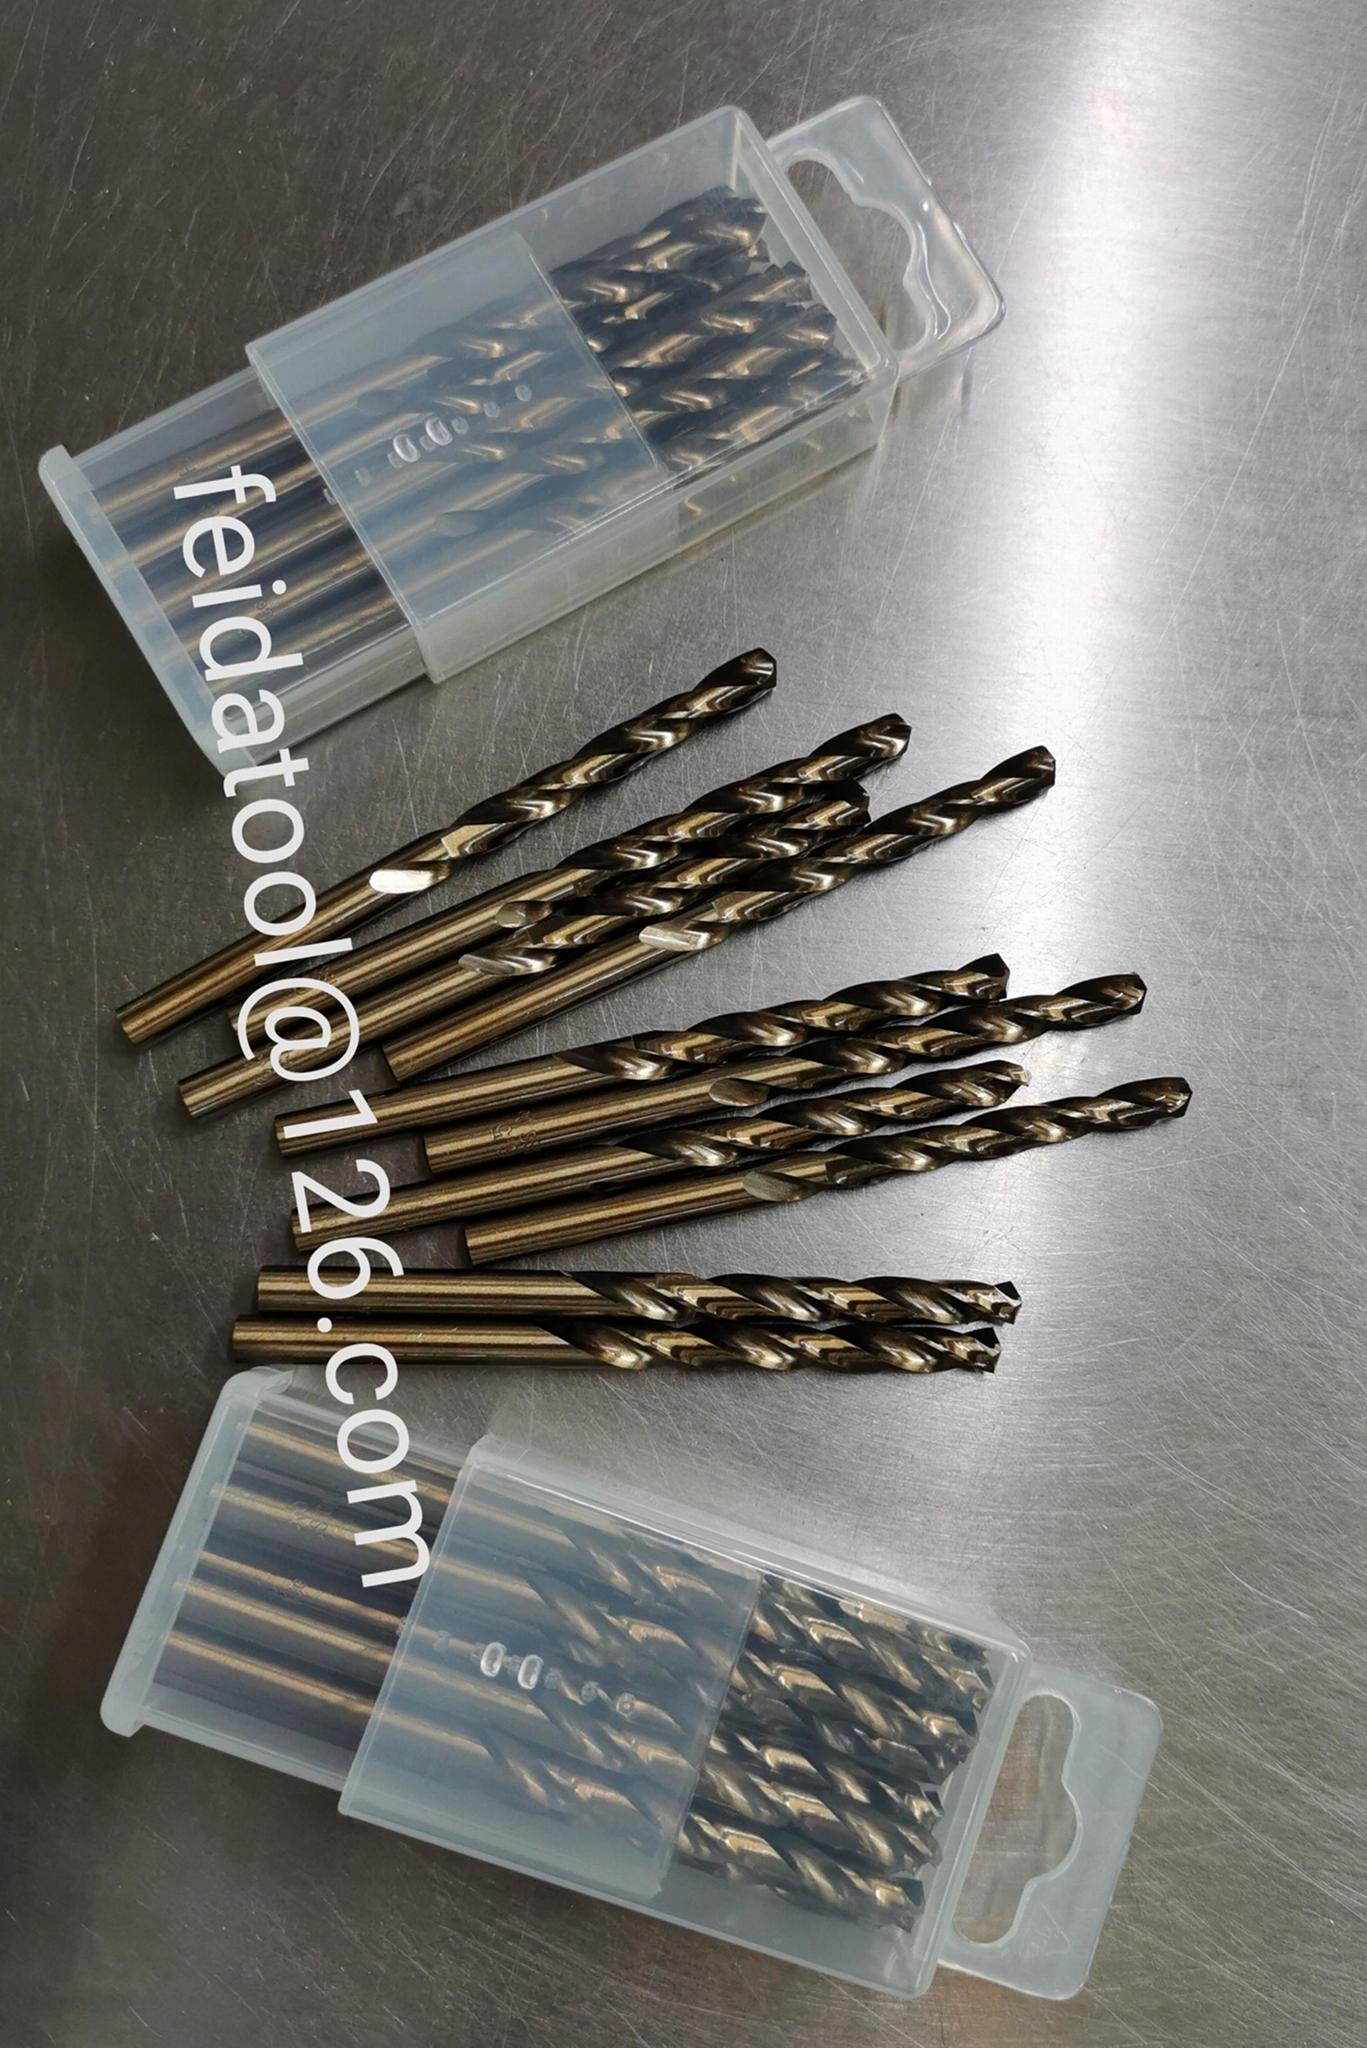 HSS Drill Bits of M35 Cobalt 5